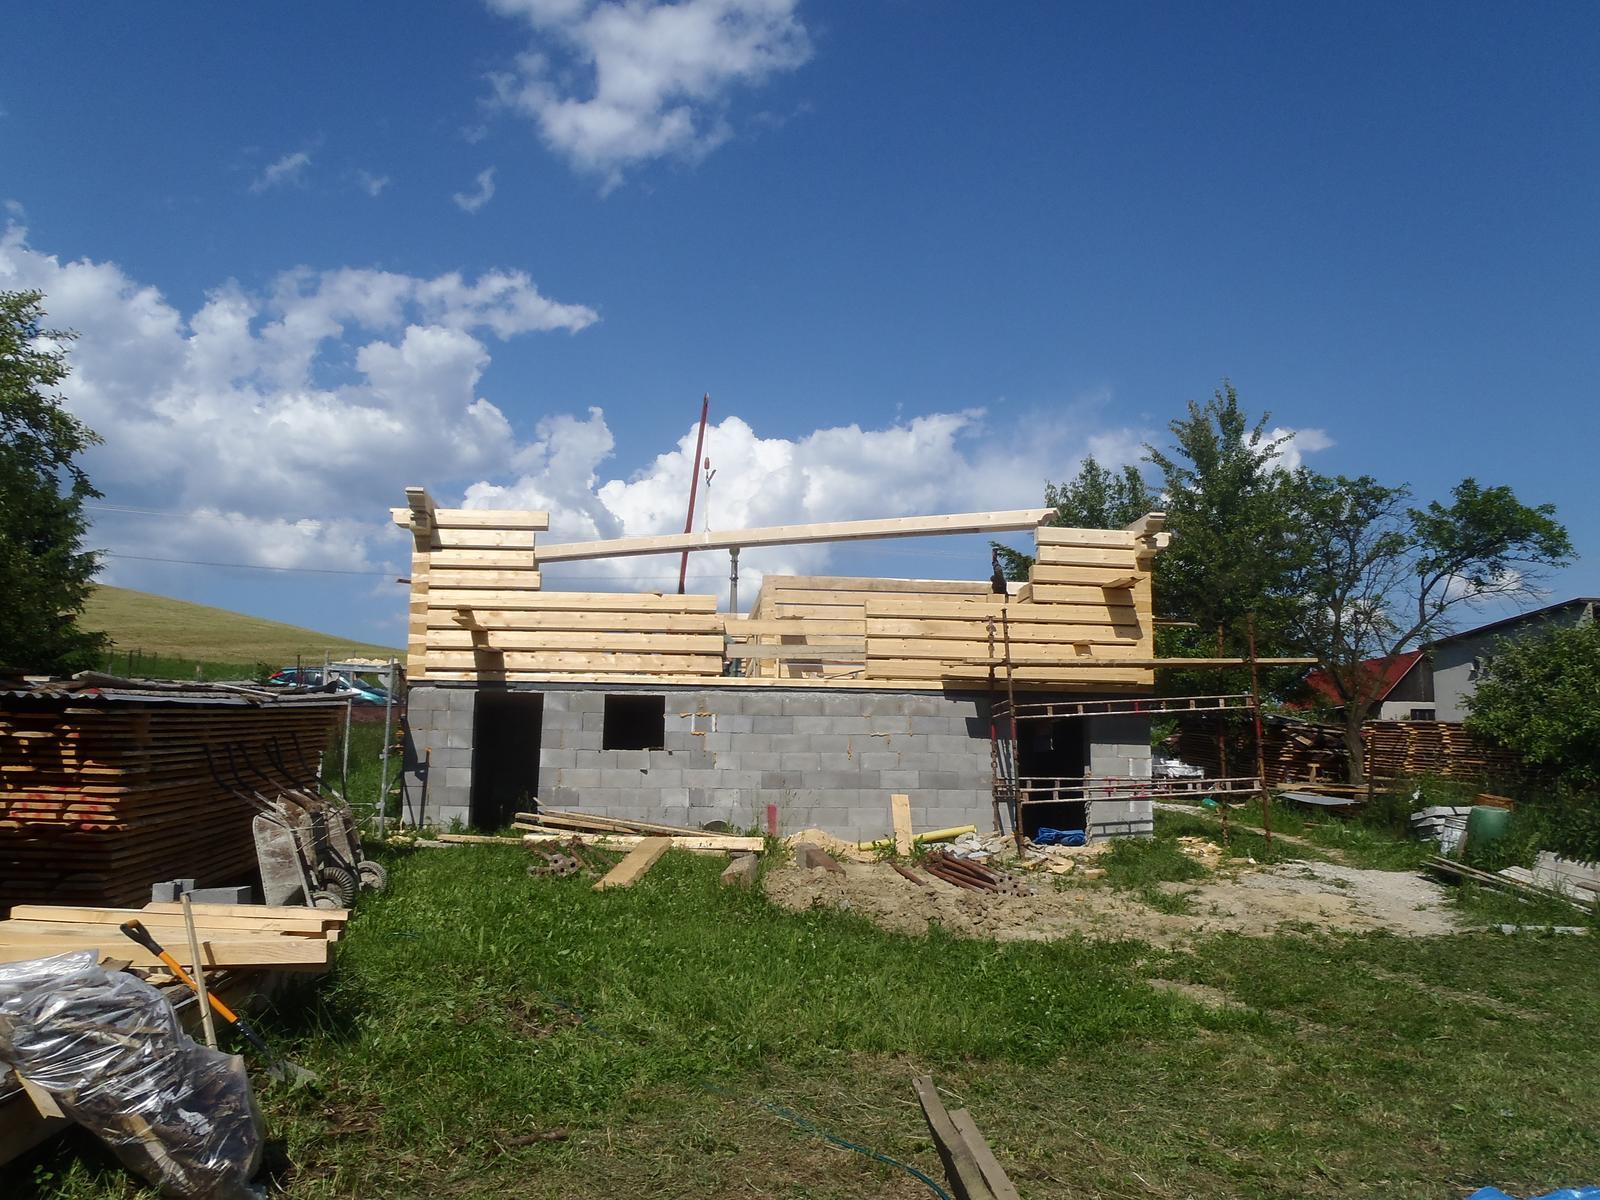 Náš veľký sen o drevenom domčeku! - Obrázok č. 84